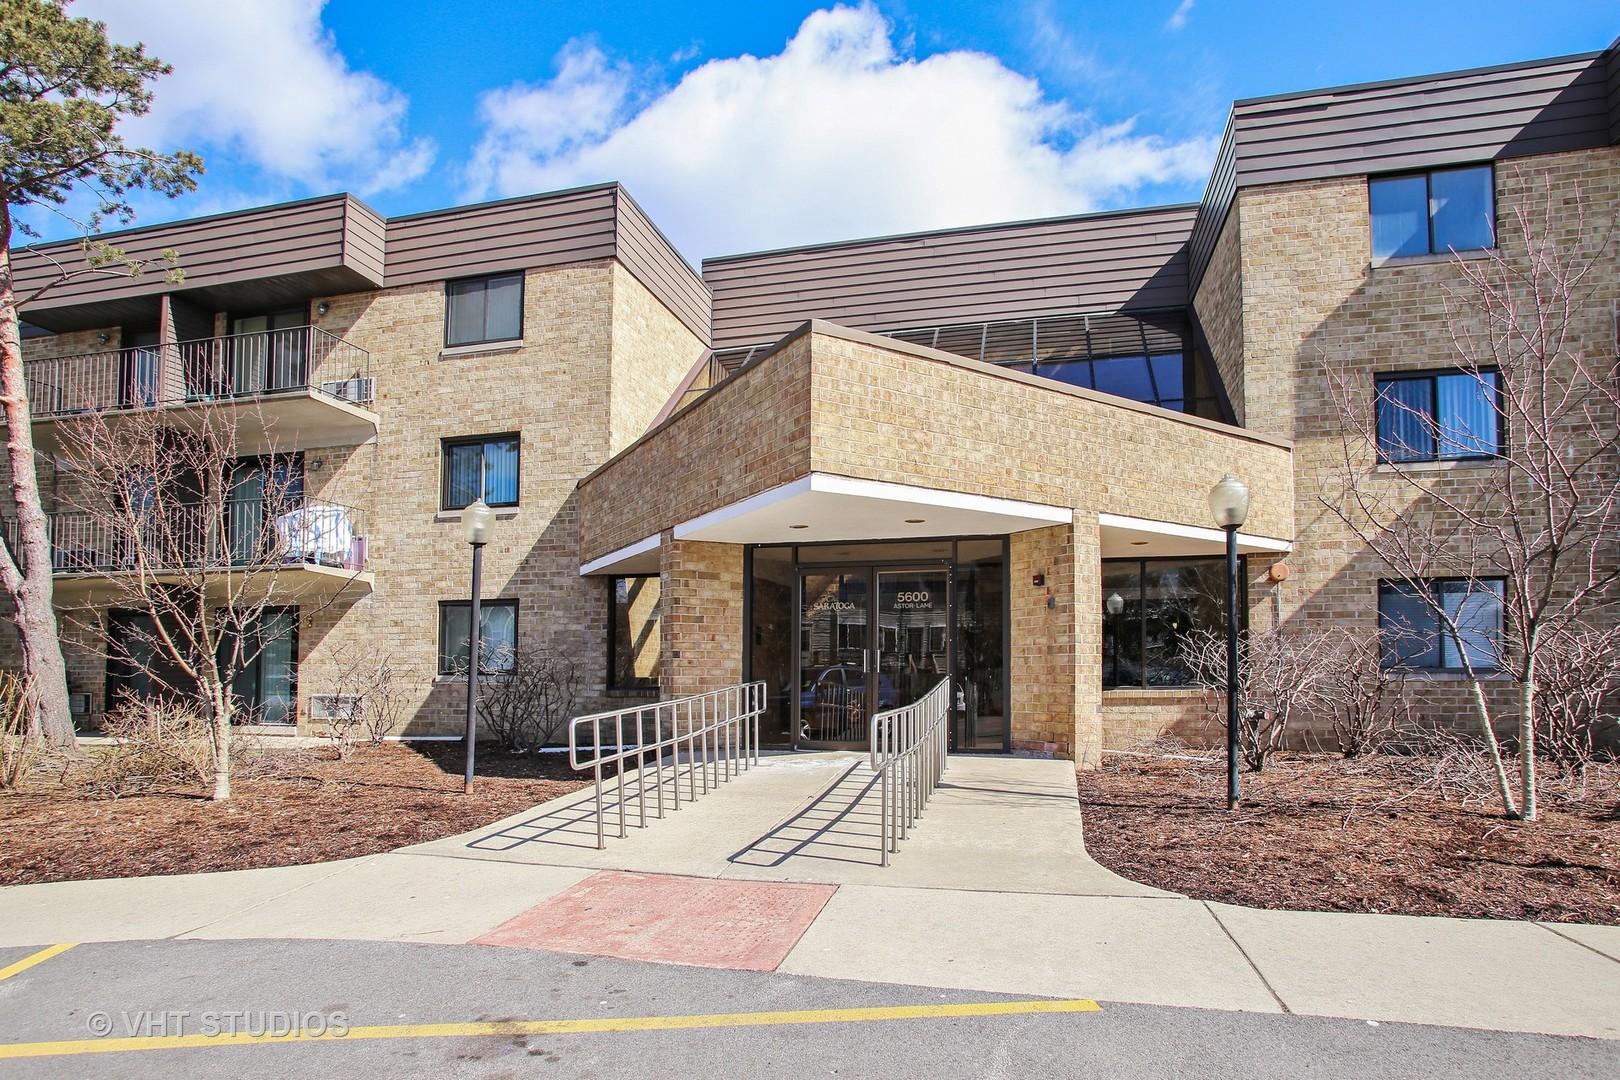 5600 Astor Unit Unit 113 ,Rolling Meadows, Illinois 60008